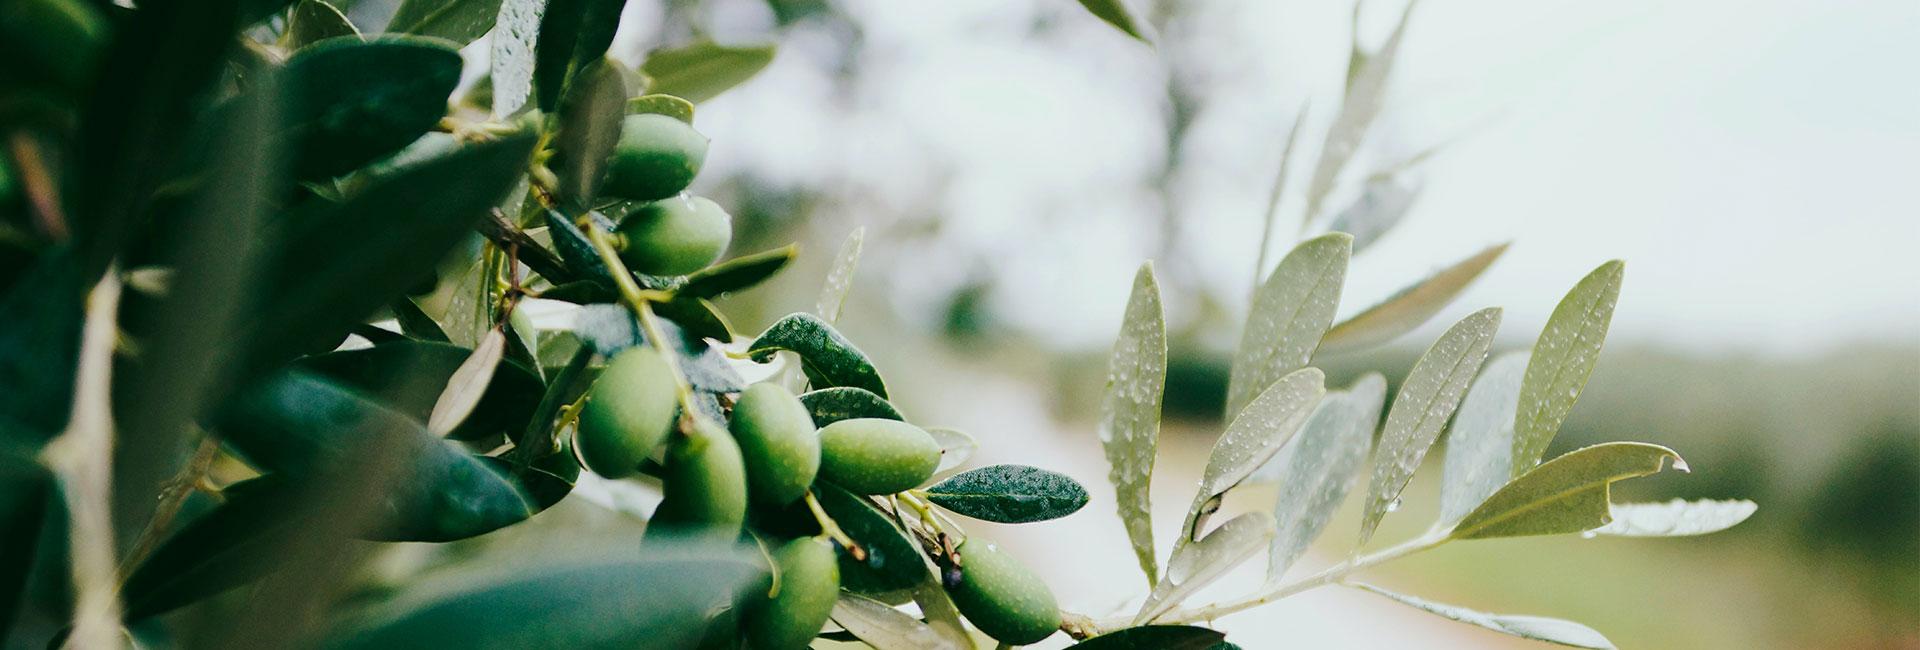 Vår egen olivolja från Kreta